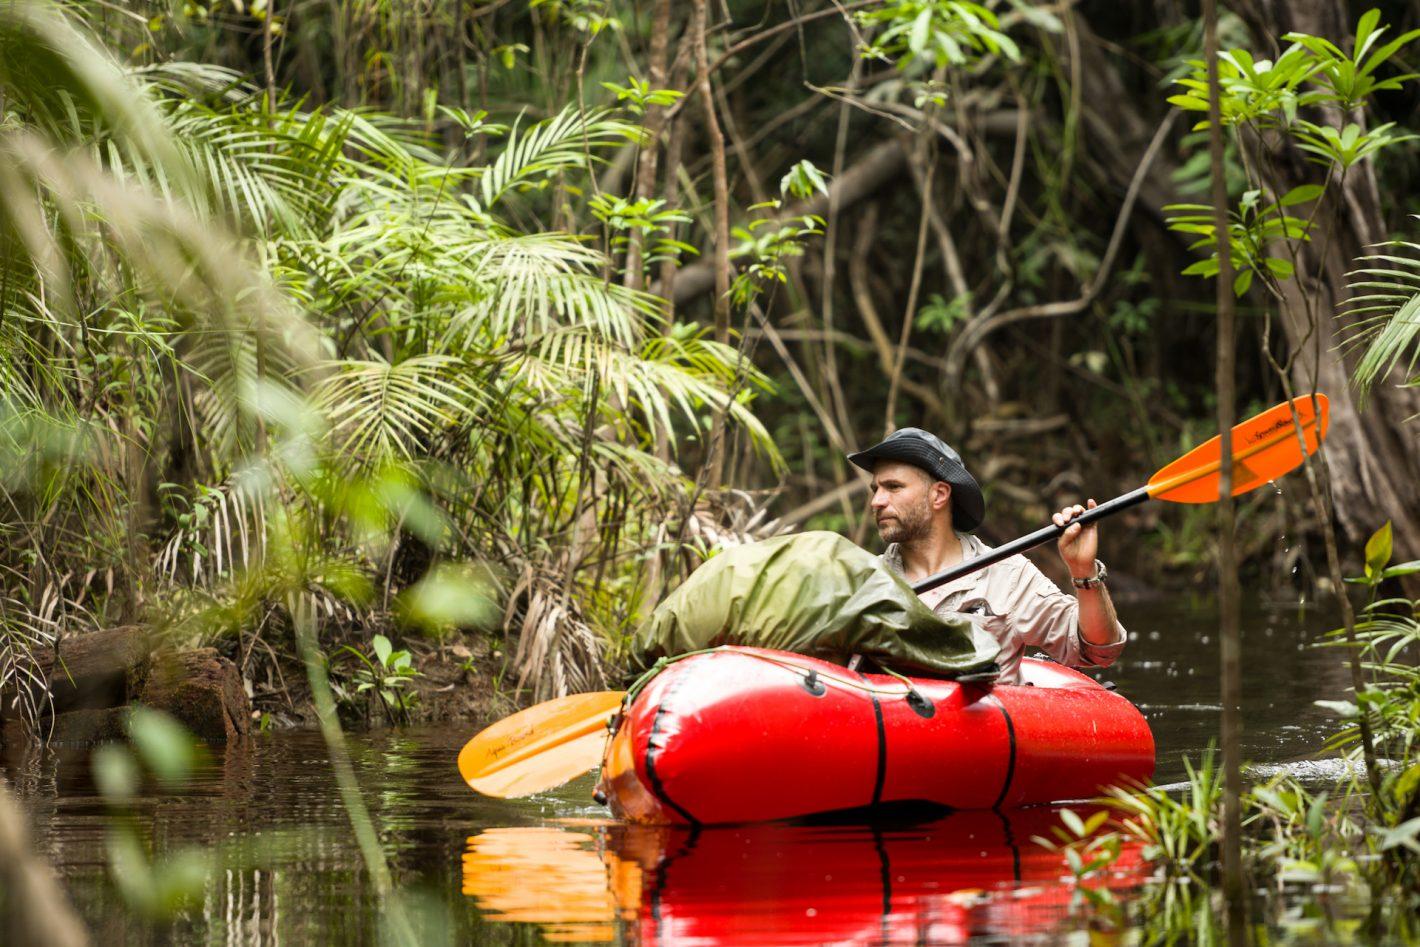 Expédition Adaptation : La forêt amazonienne (Brésil) par Lucas Santucci